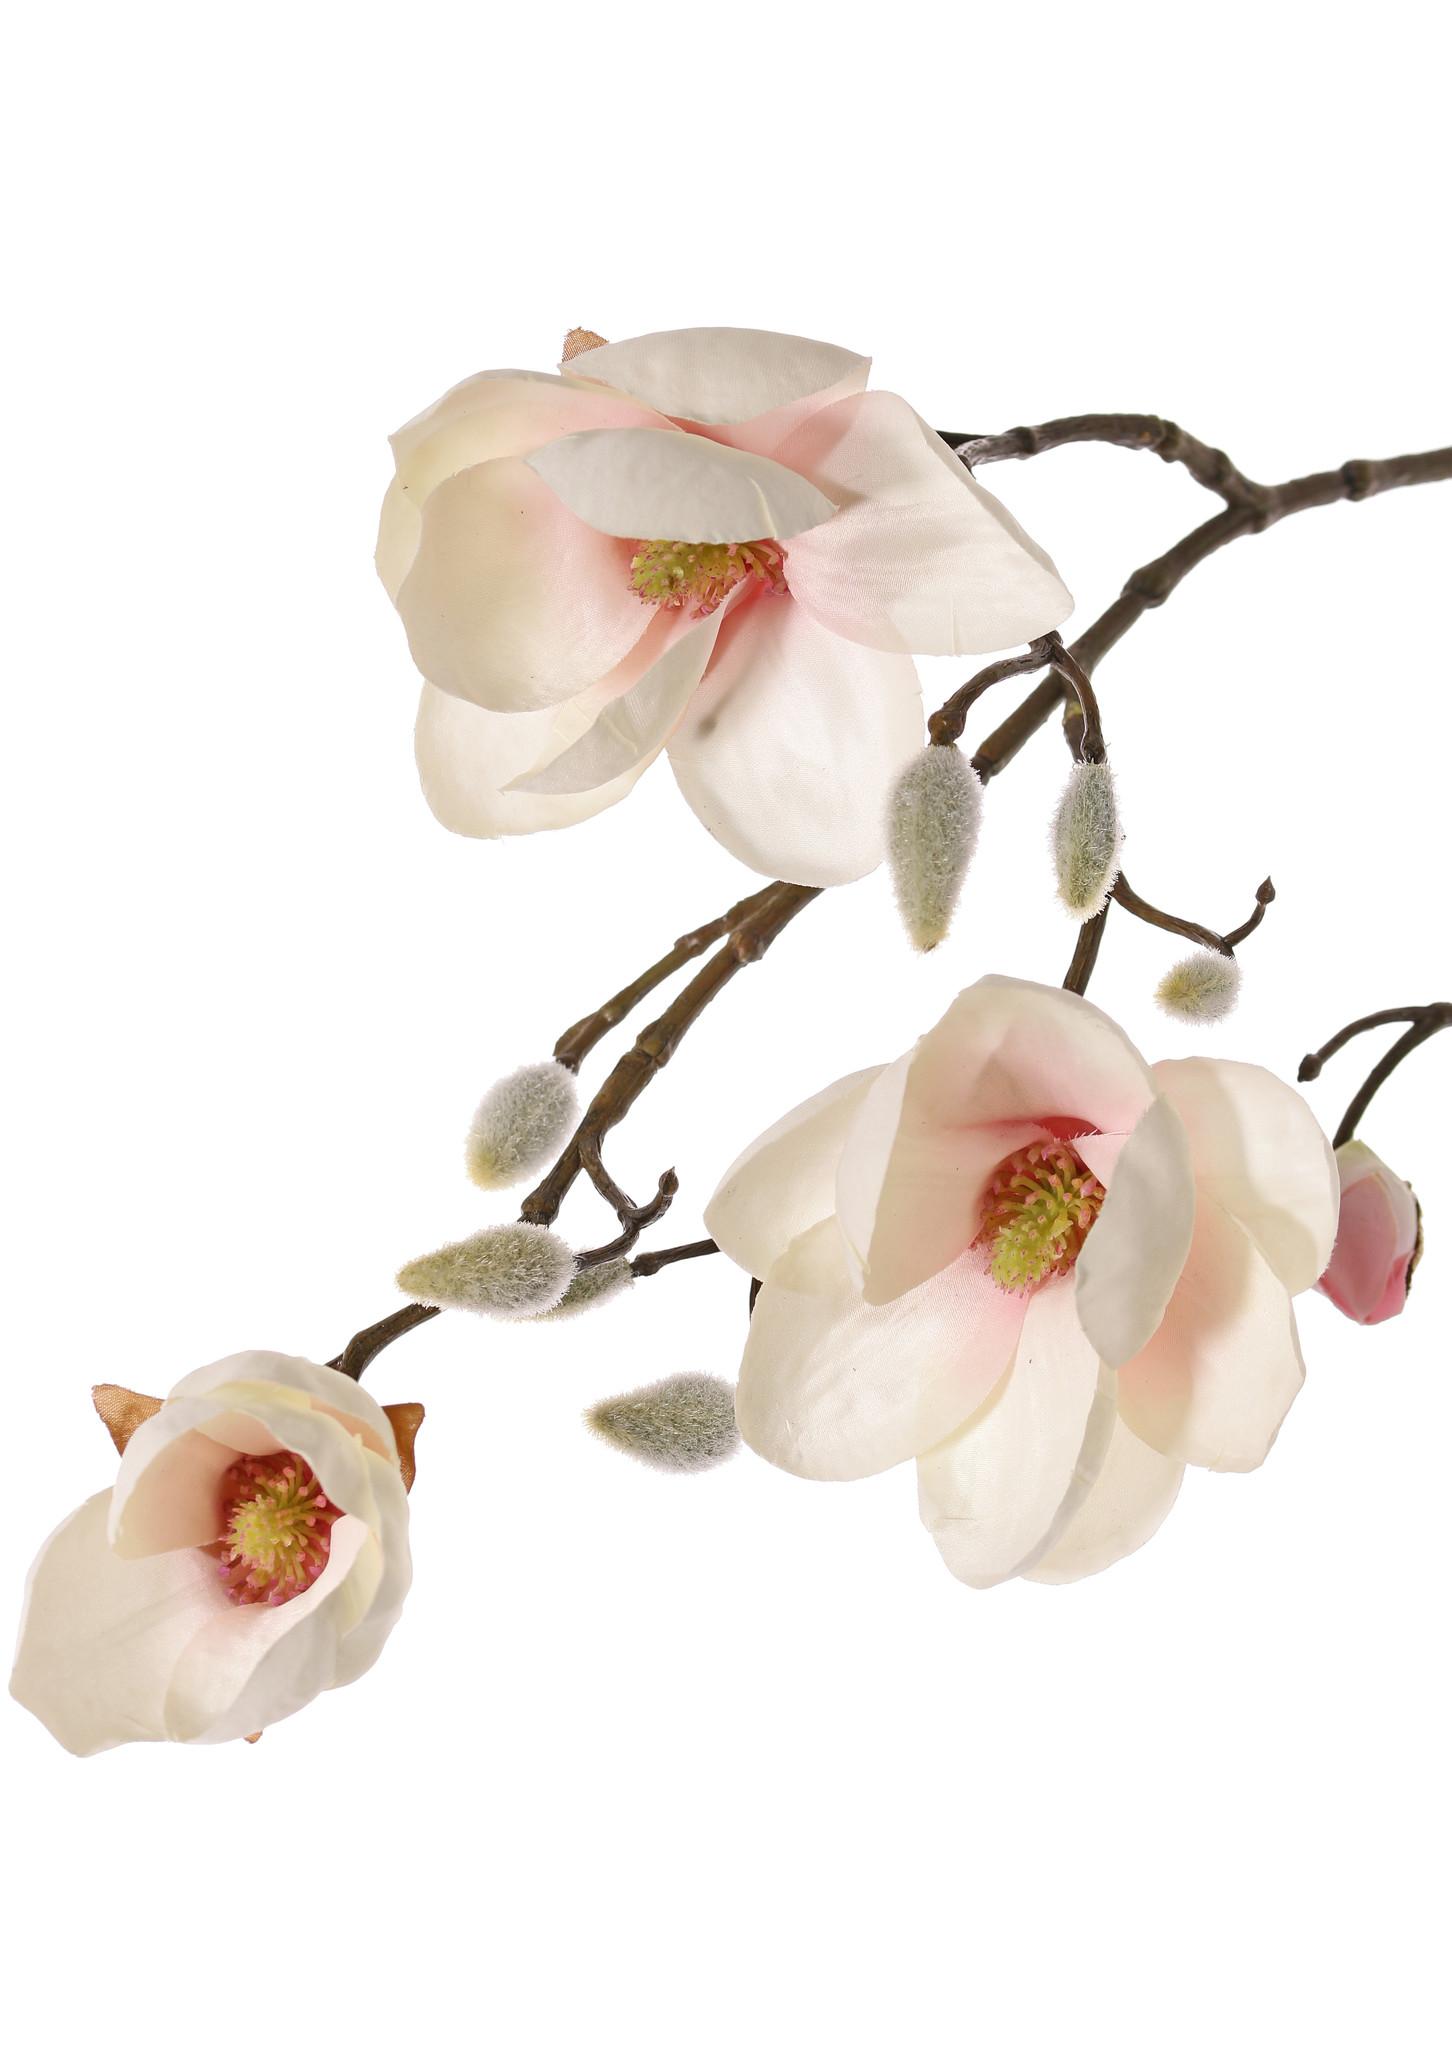 Magnolia (Beverboom) 4 vertakkingen, 5 bloemen (3x Ø 8cm, 2x 5 cm) & 12 knoppen (behaard), 80 cm   - Copy